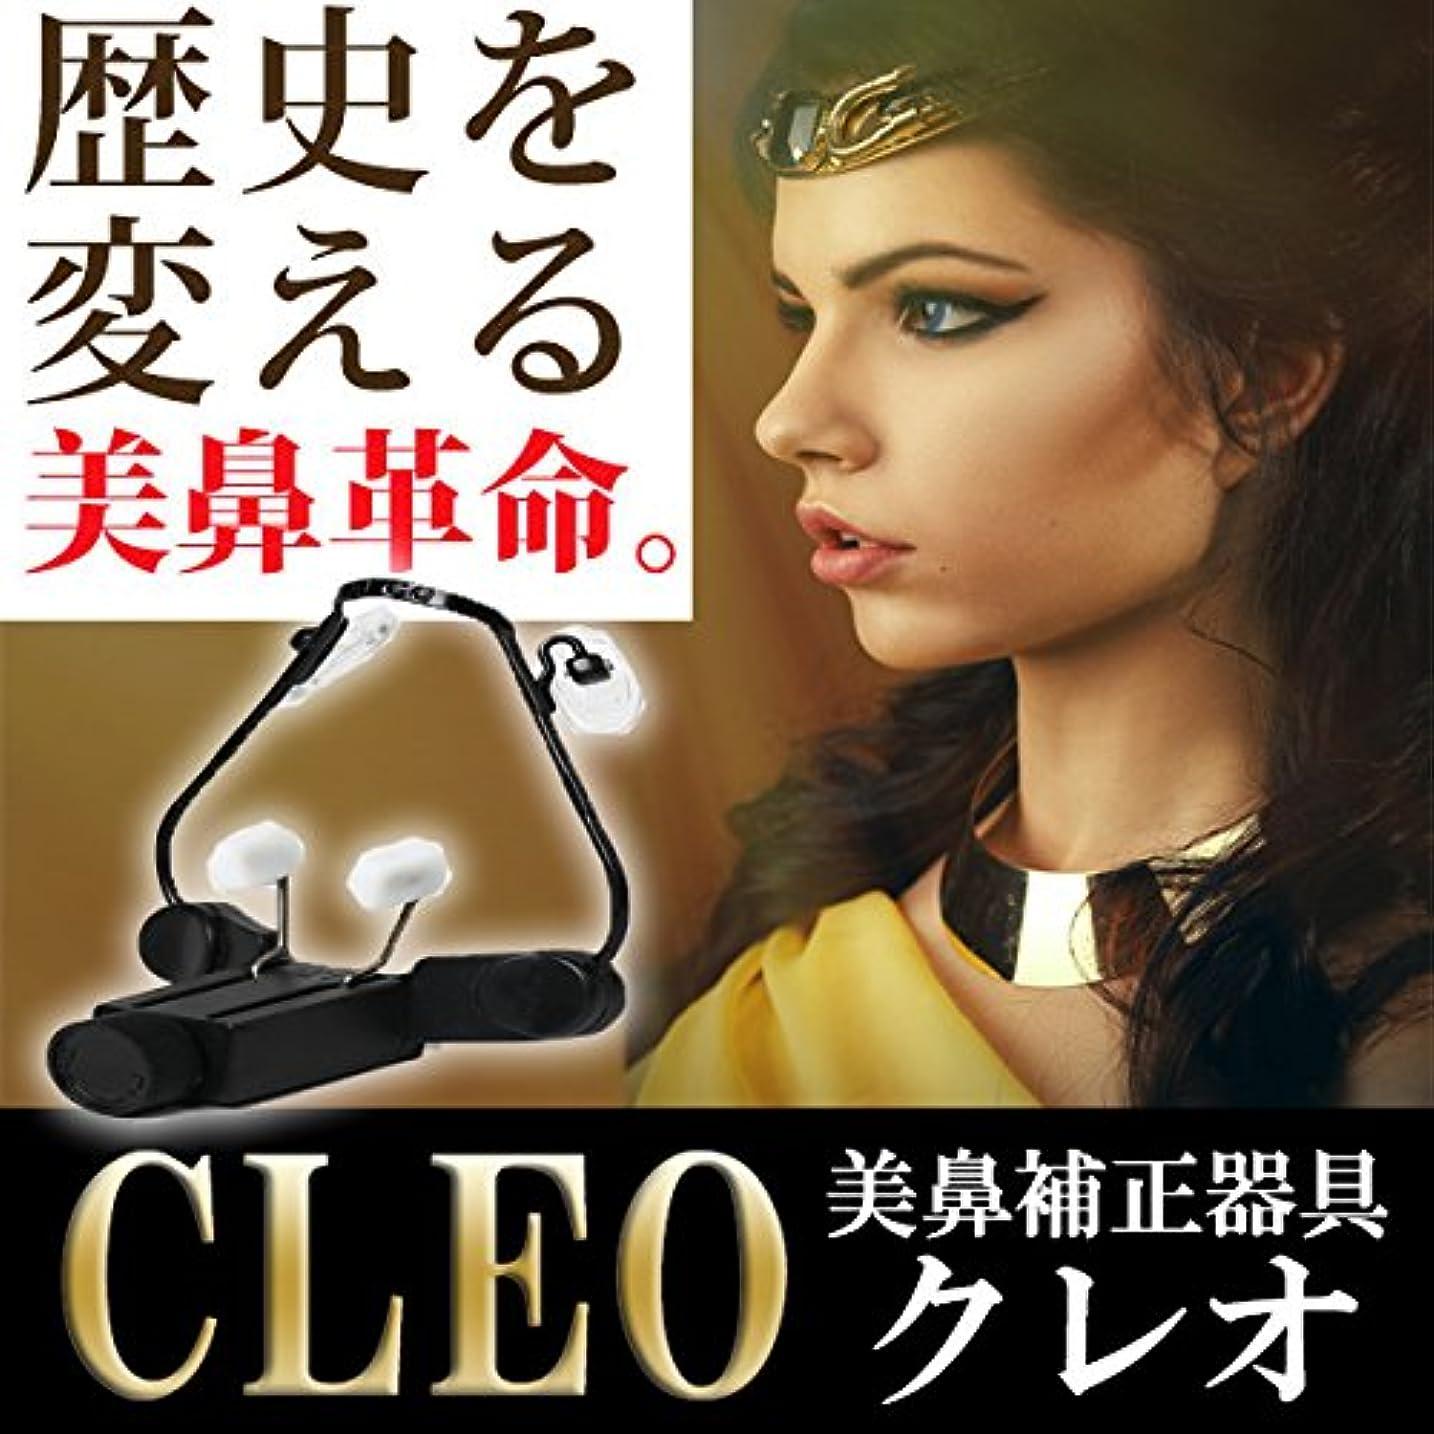 赤面コロニアル謝罪する美鼻補整器具CLEO(クレオ)|1日10分できりっと通った鼻筋を目指せ!